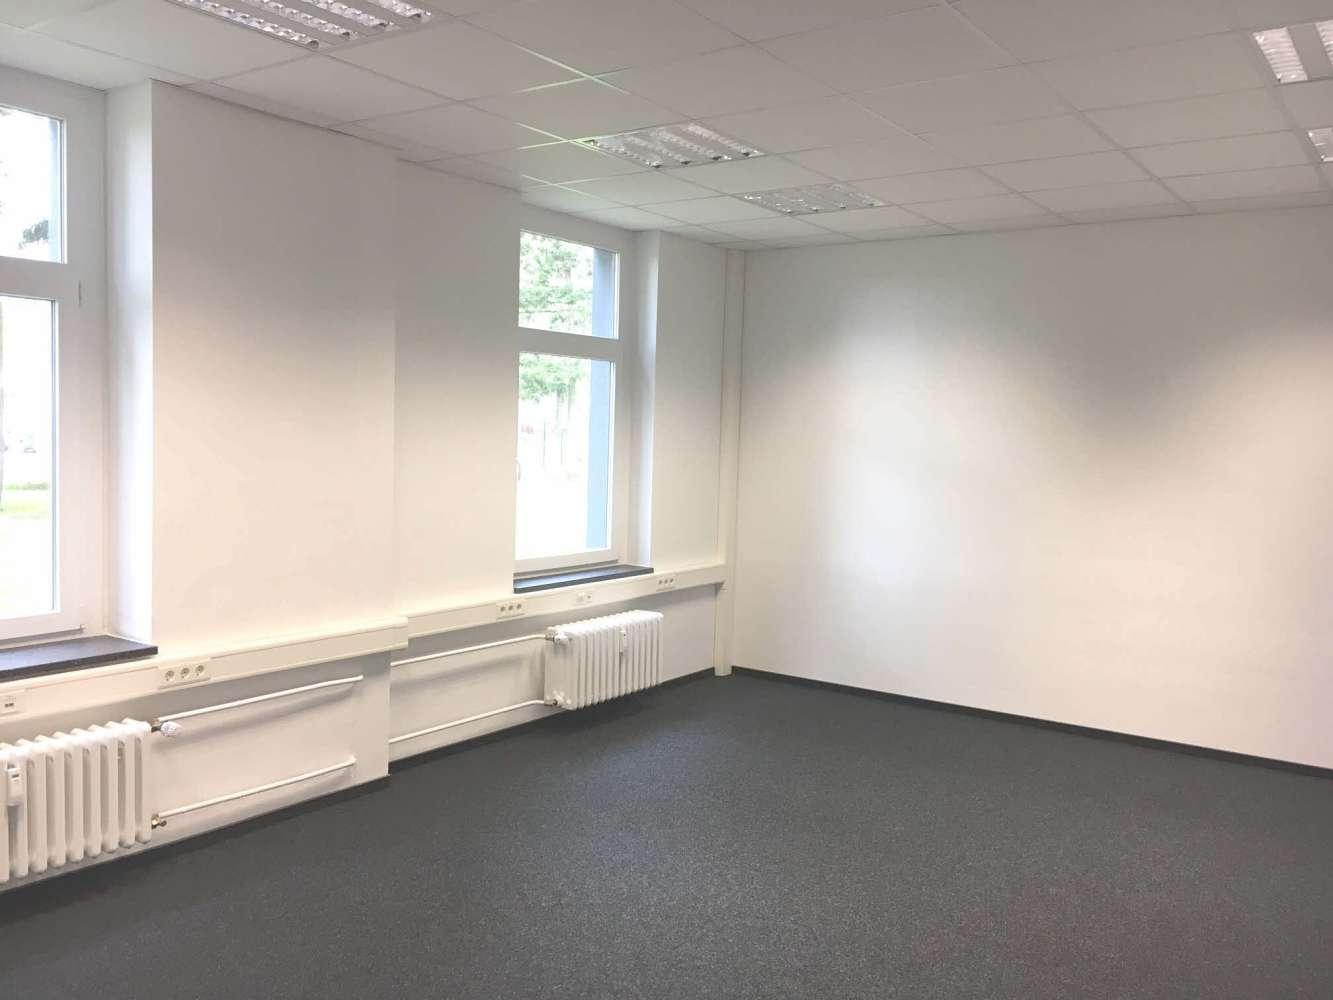 Büros Langenhagen, 30855 - Büro - Langenhagen, Alt-Langenhagen - H1312 - 9418511